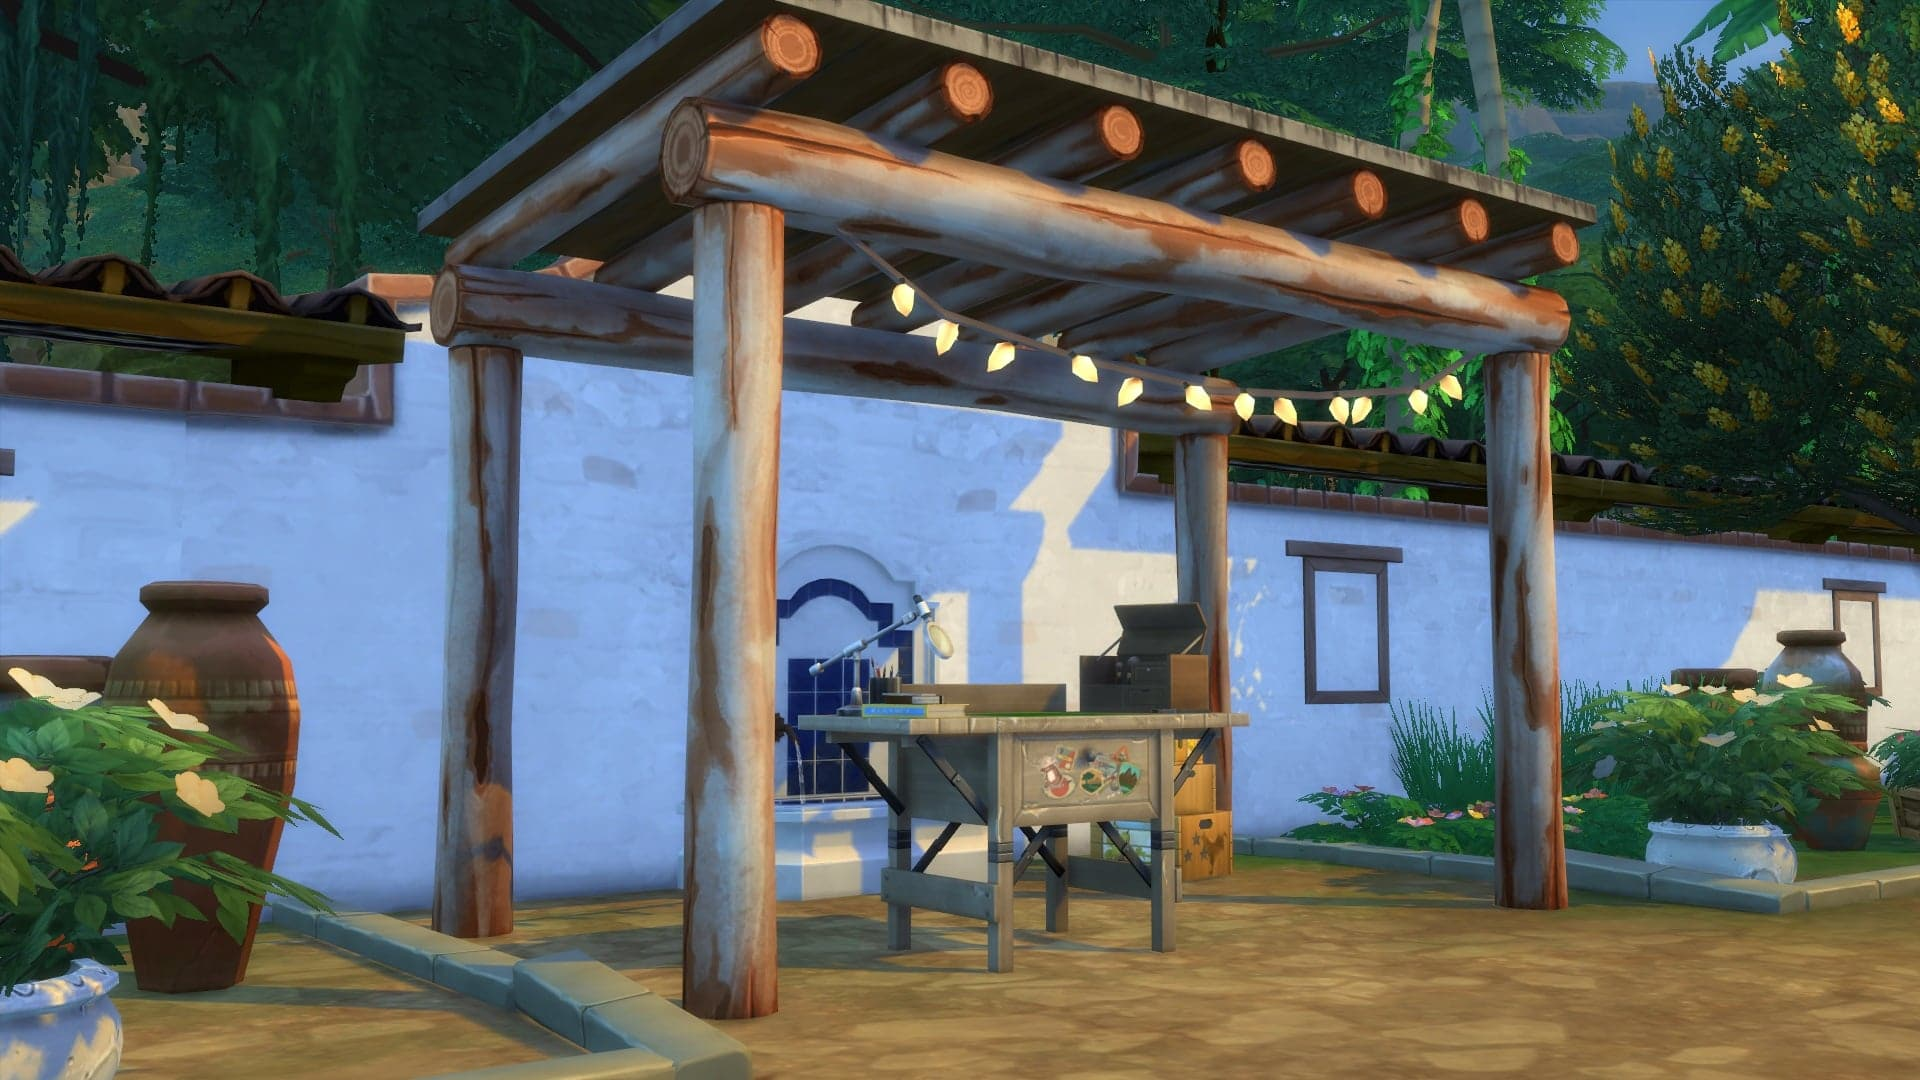 Établi poterie Sims 4 Dans la jungle